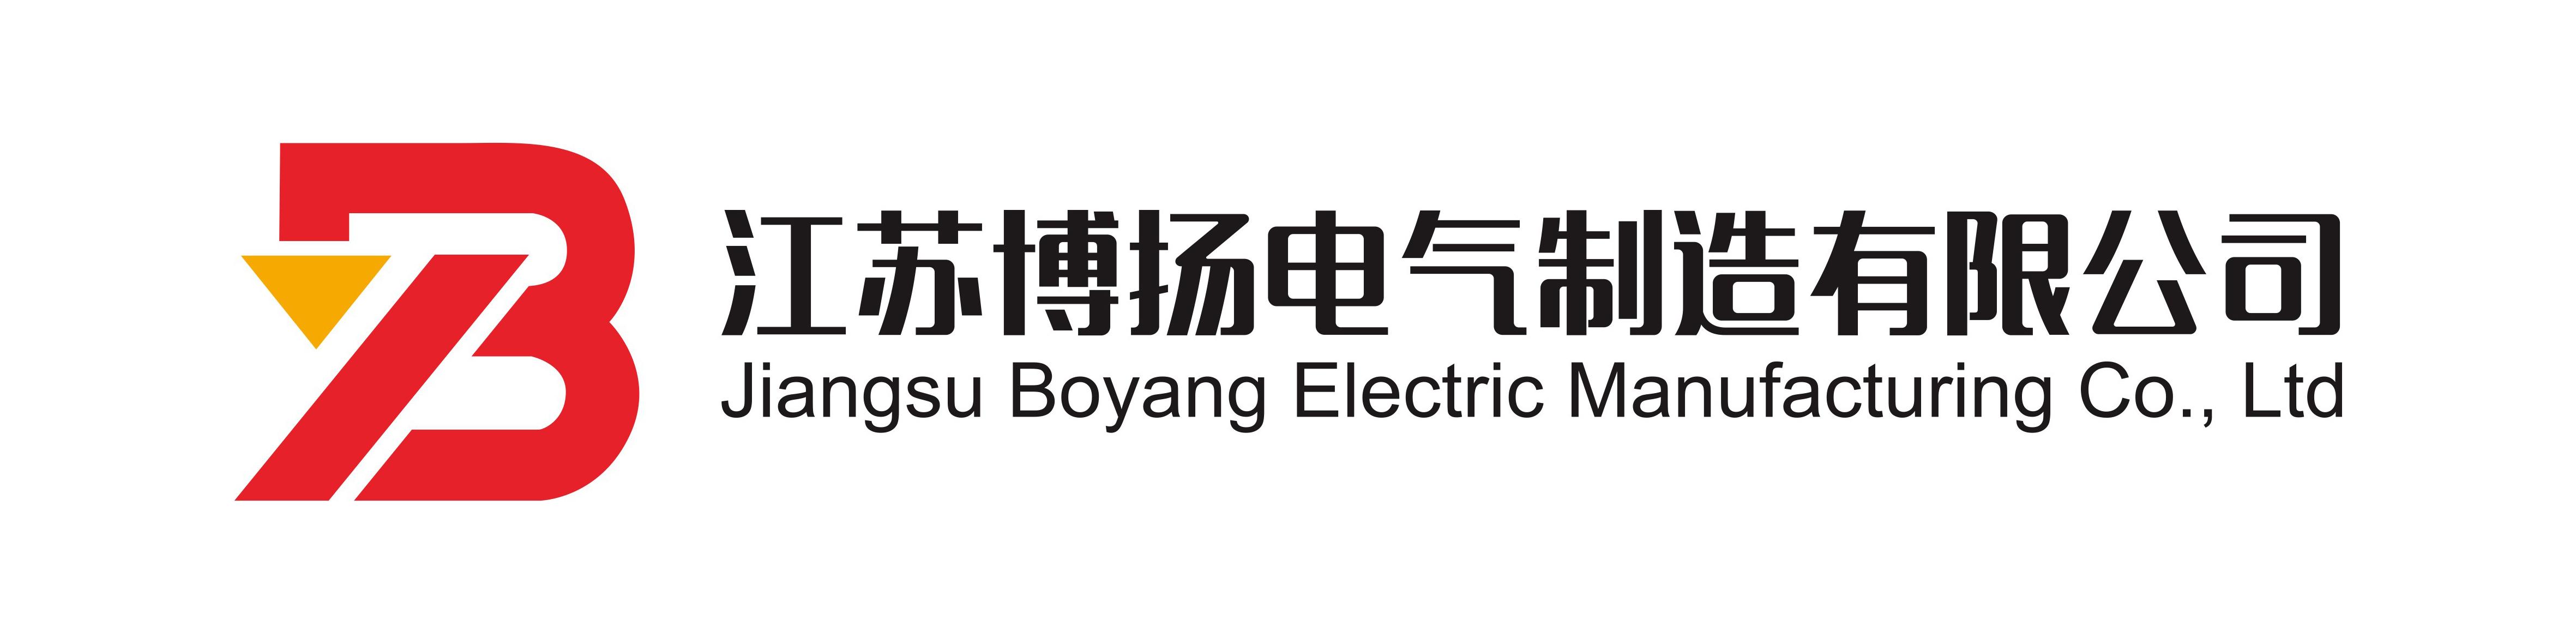 江苏博扬电气制造有限公司